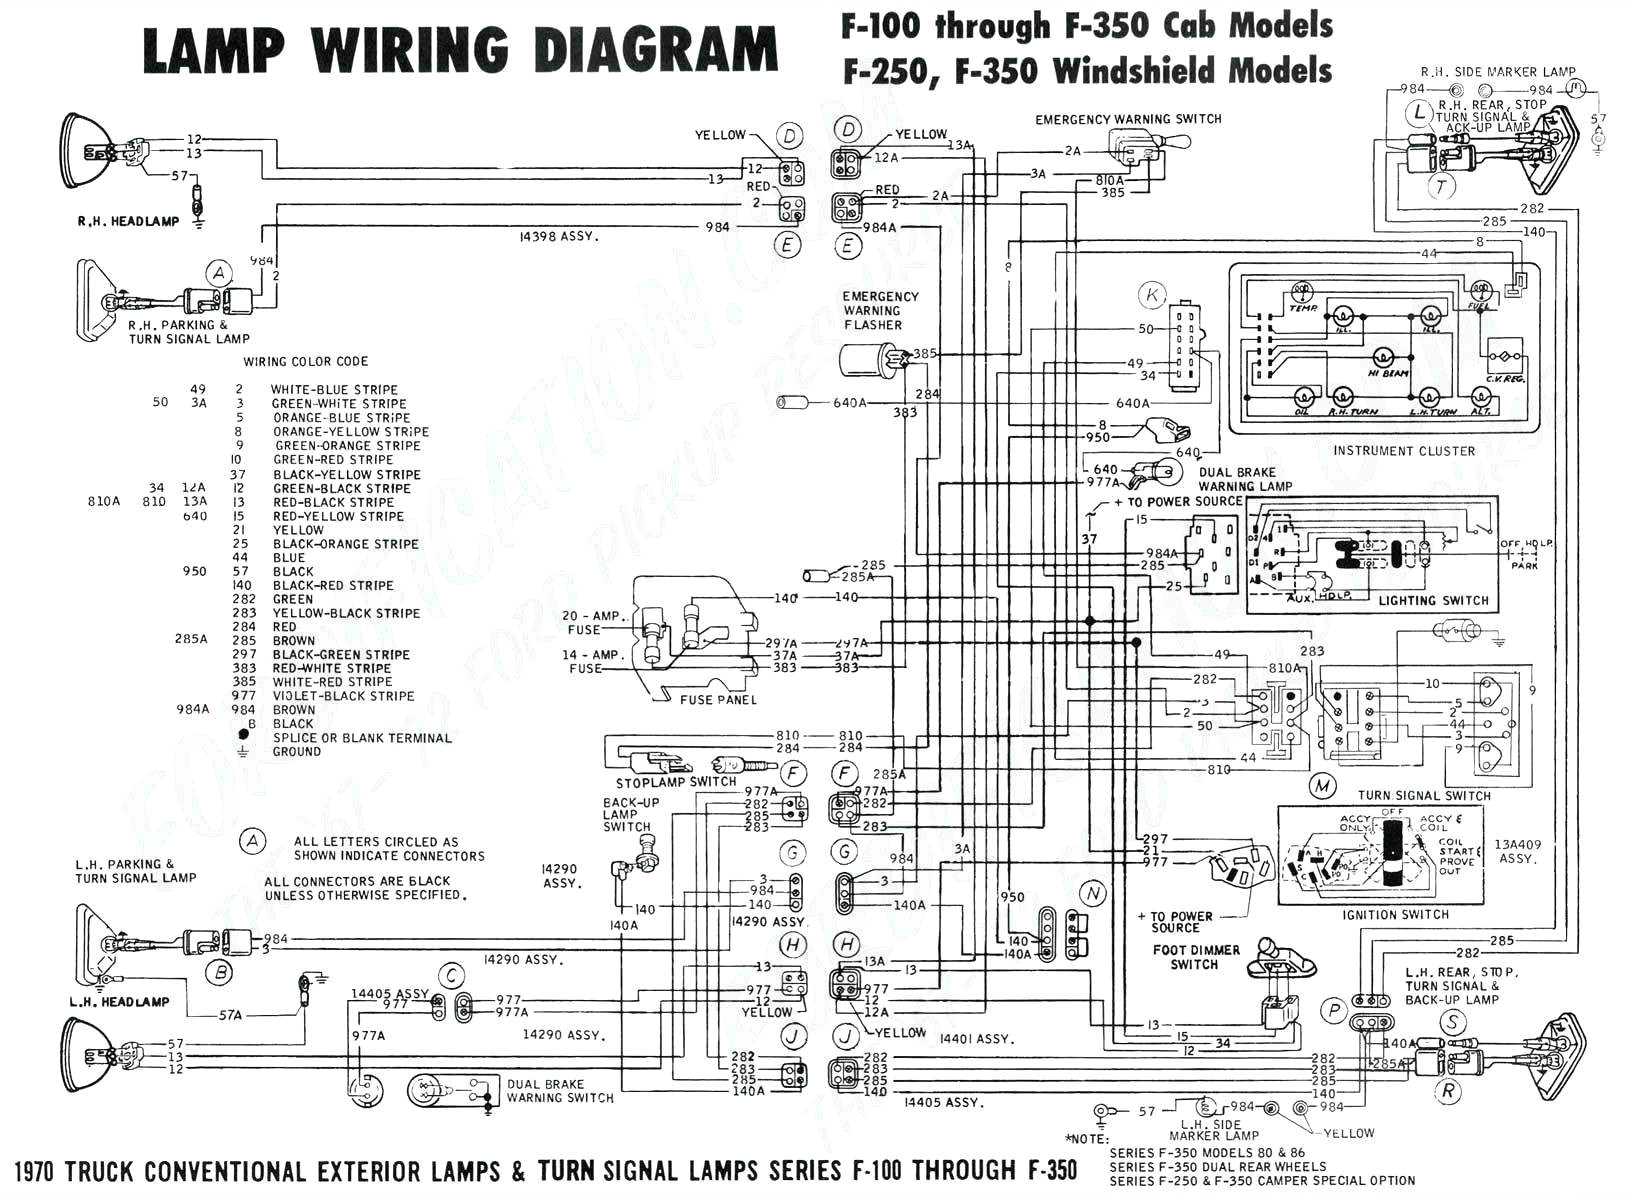 wiring diagram for fesler led tail light wiring diagram long led rear tail light wiring diagram 210